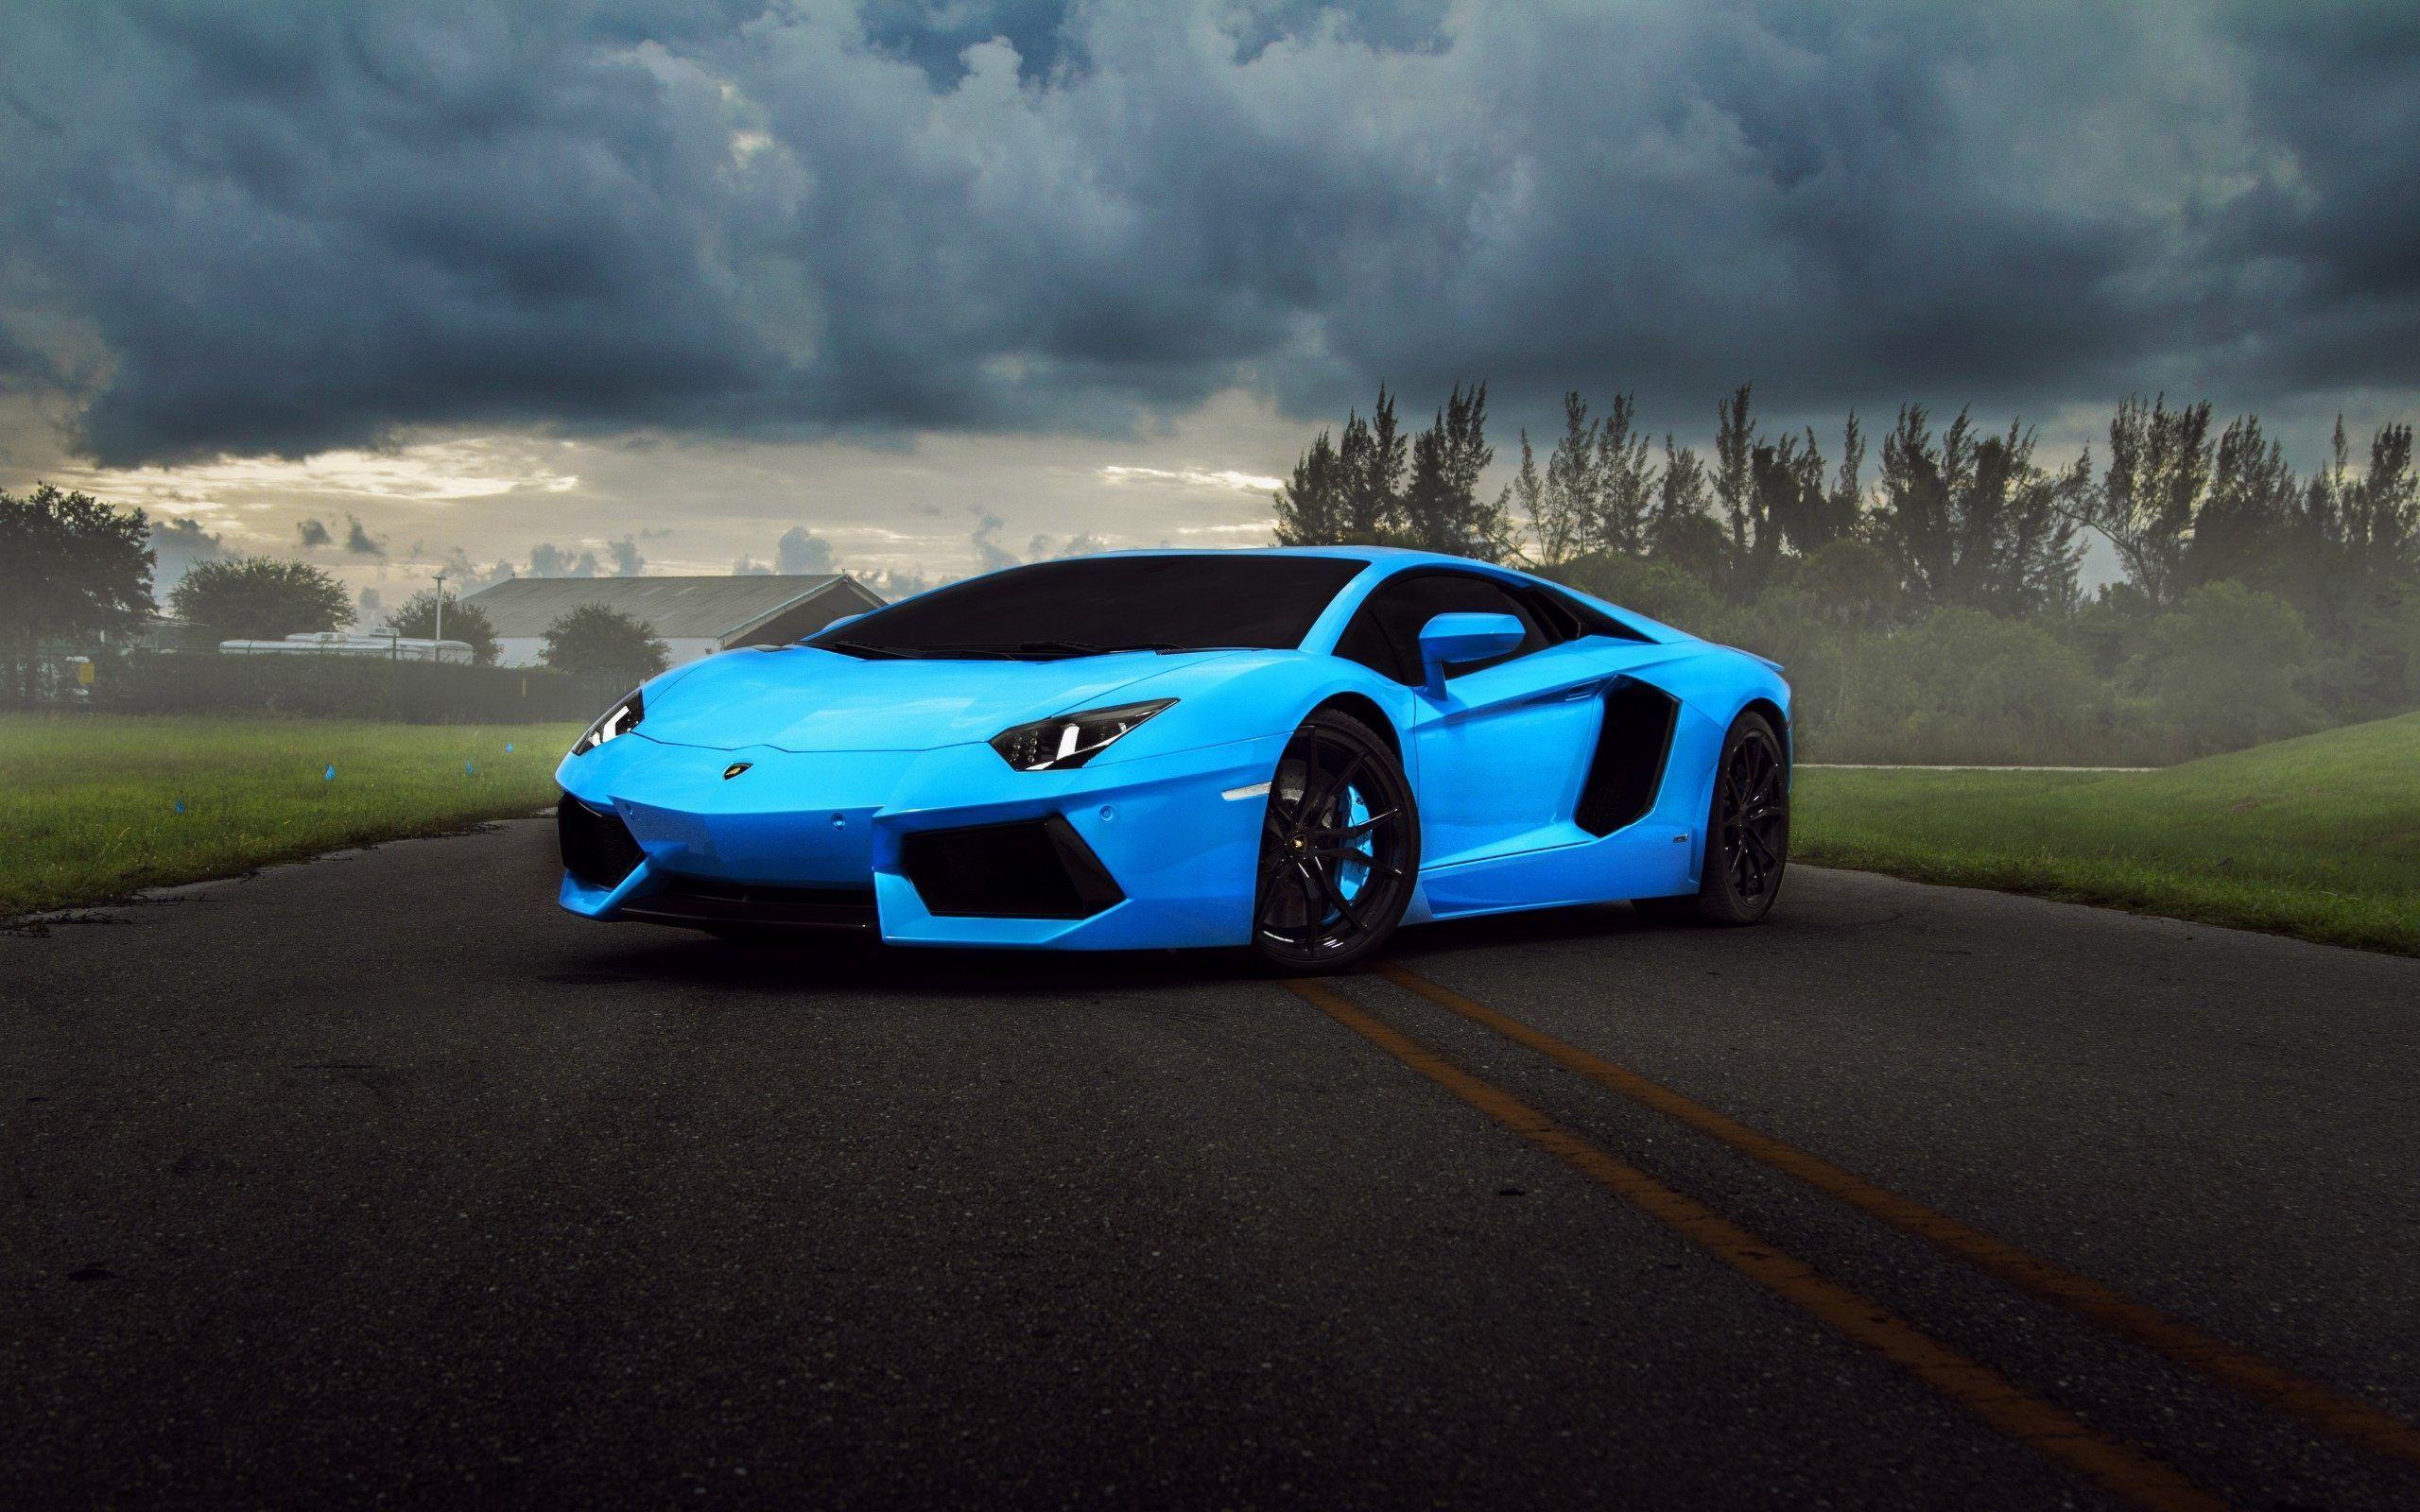 Blue Lamborghini Background Blue Lamborghini Car Wallpapers